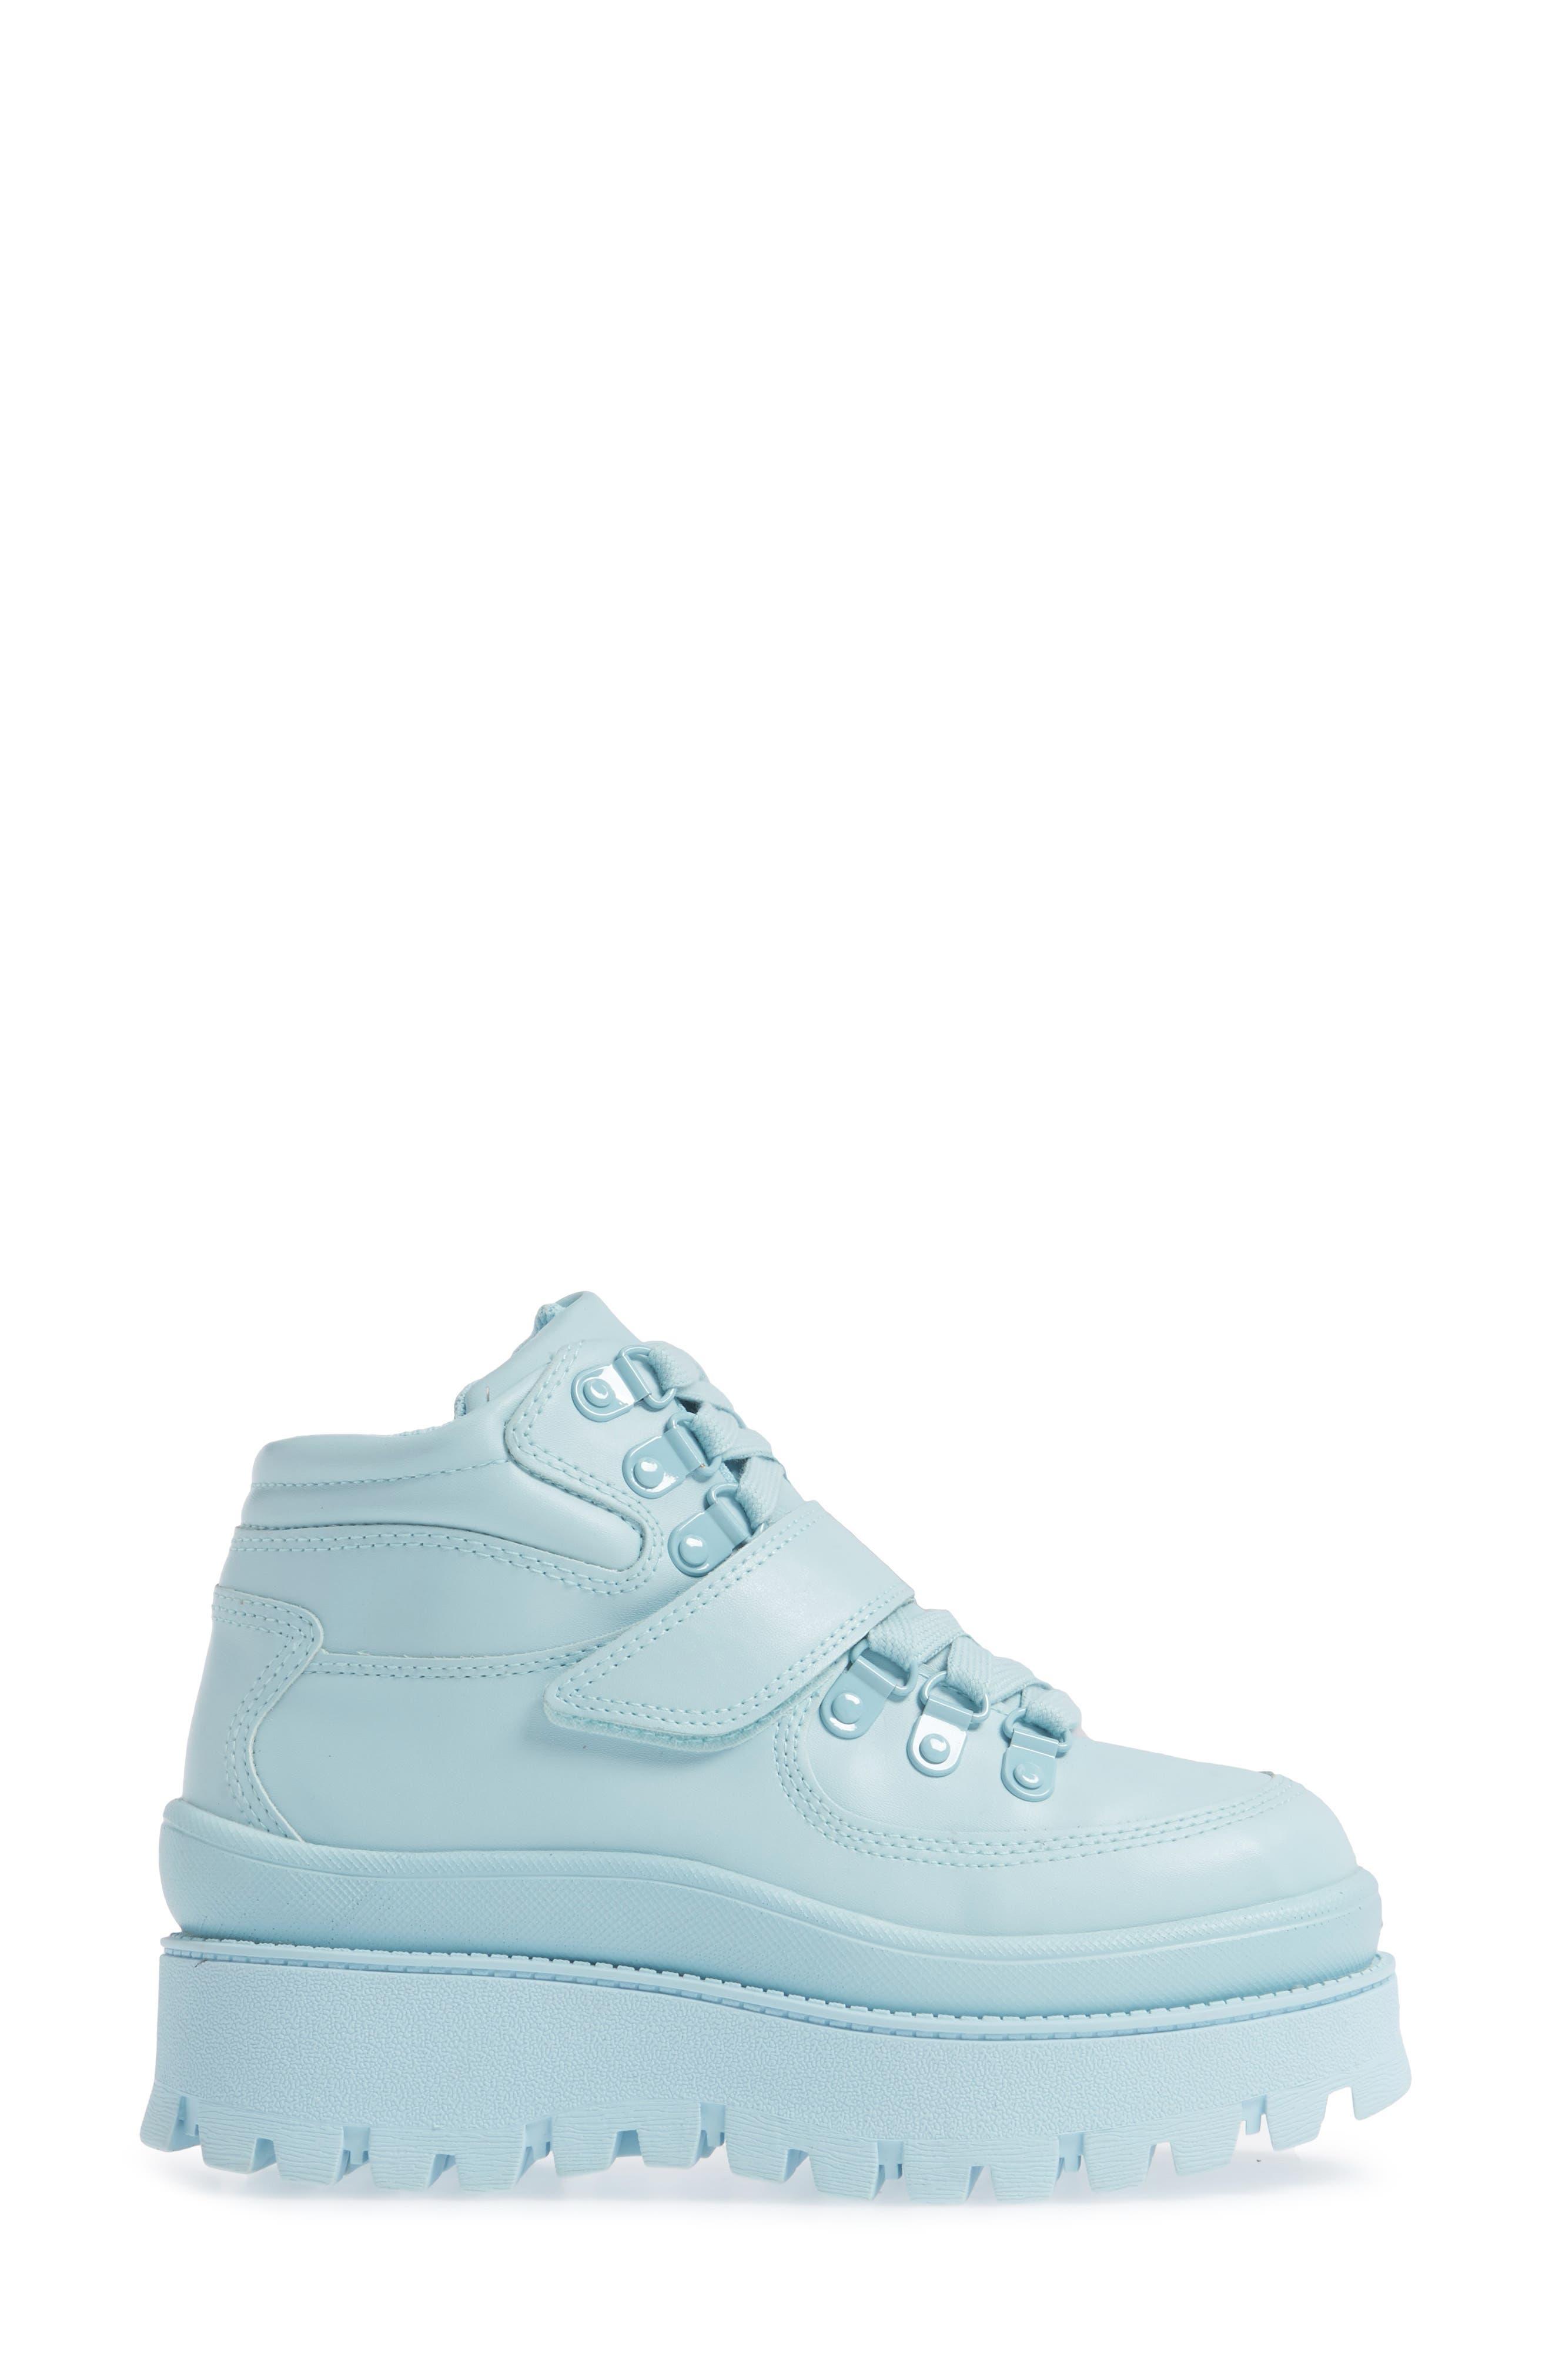 JEFFREY CAMPBELL, Top Peak 2 Platform Sneaker, Alternate thumbnail 3, color, BLUE FAUX LEATHER